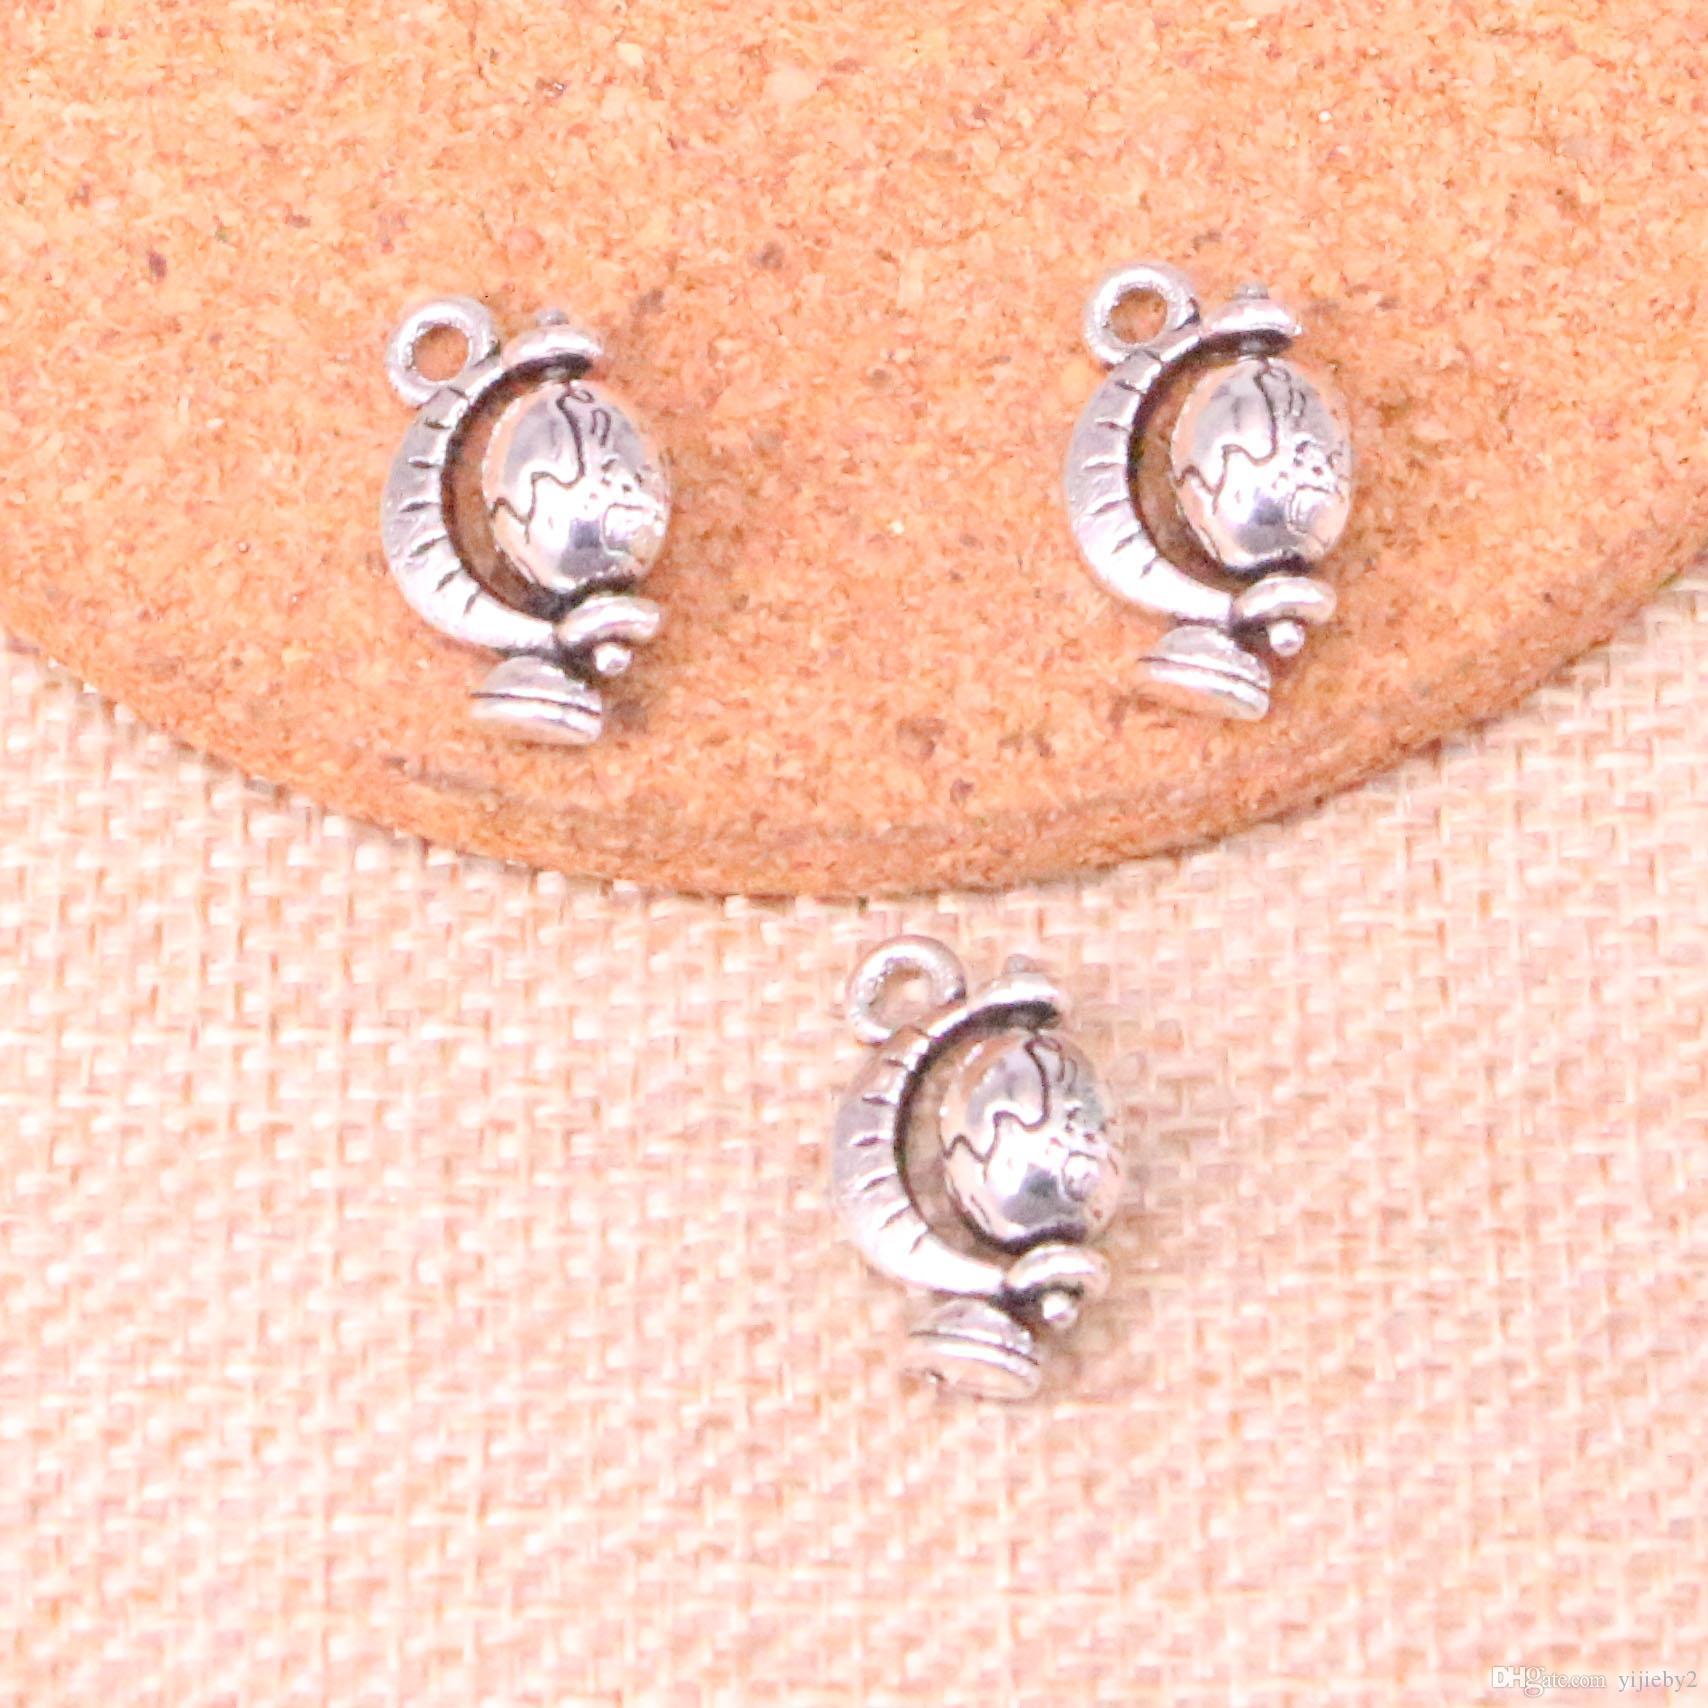 83pcs nastro antico tellurico globo fascino della collana del pendente DIY del braccialetto del braccialetto risultati 17 * 12mm